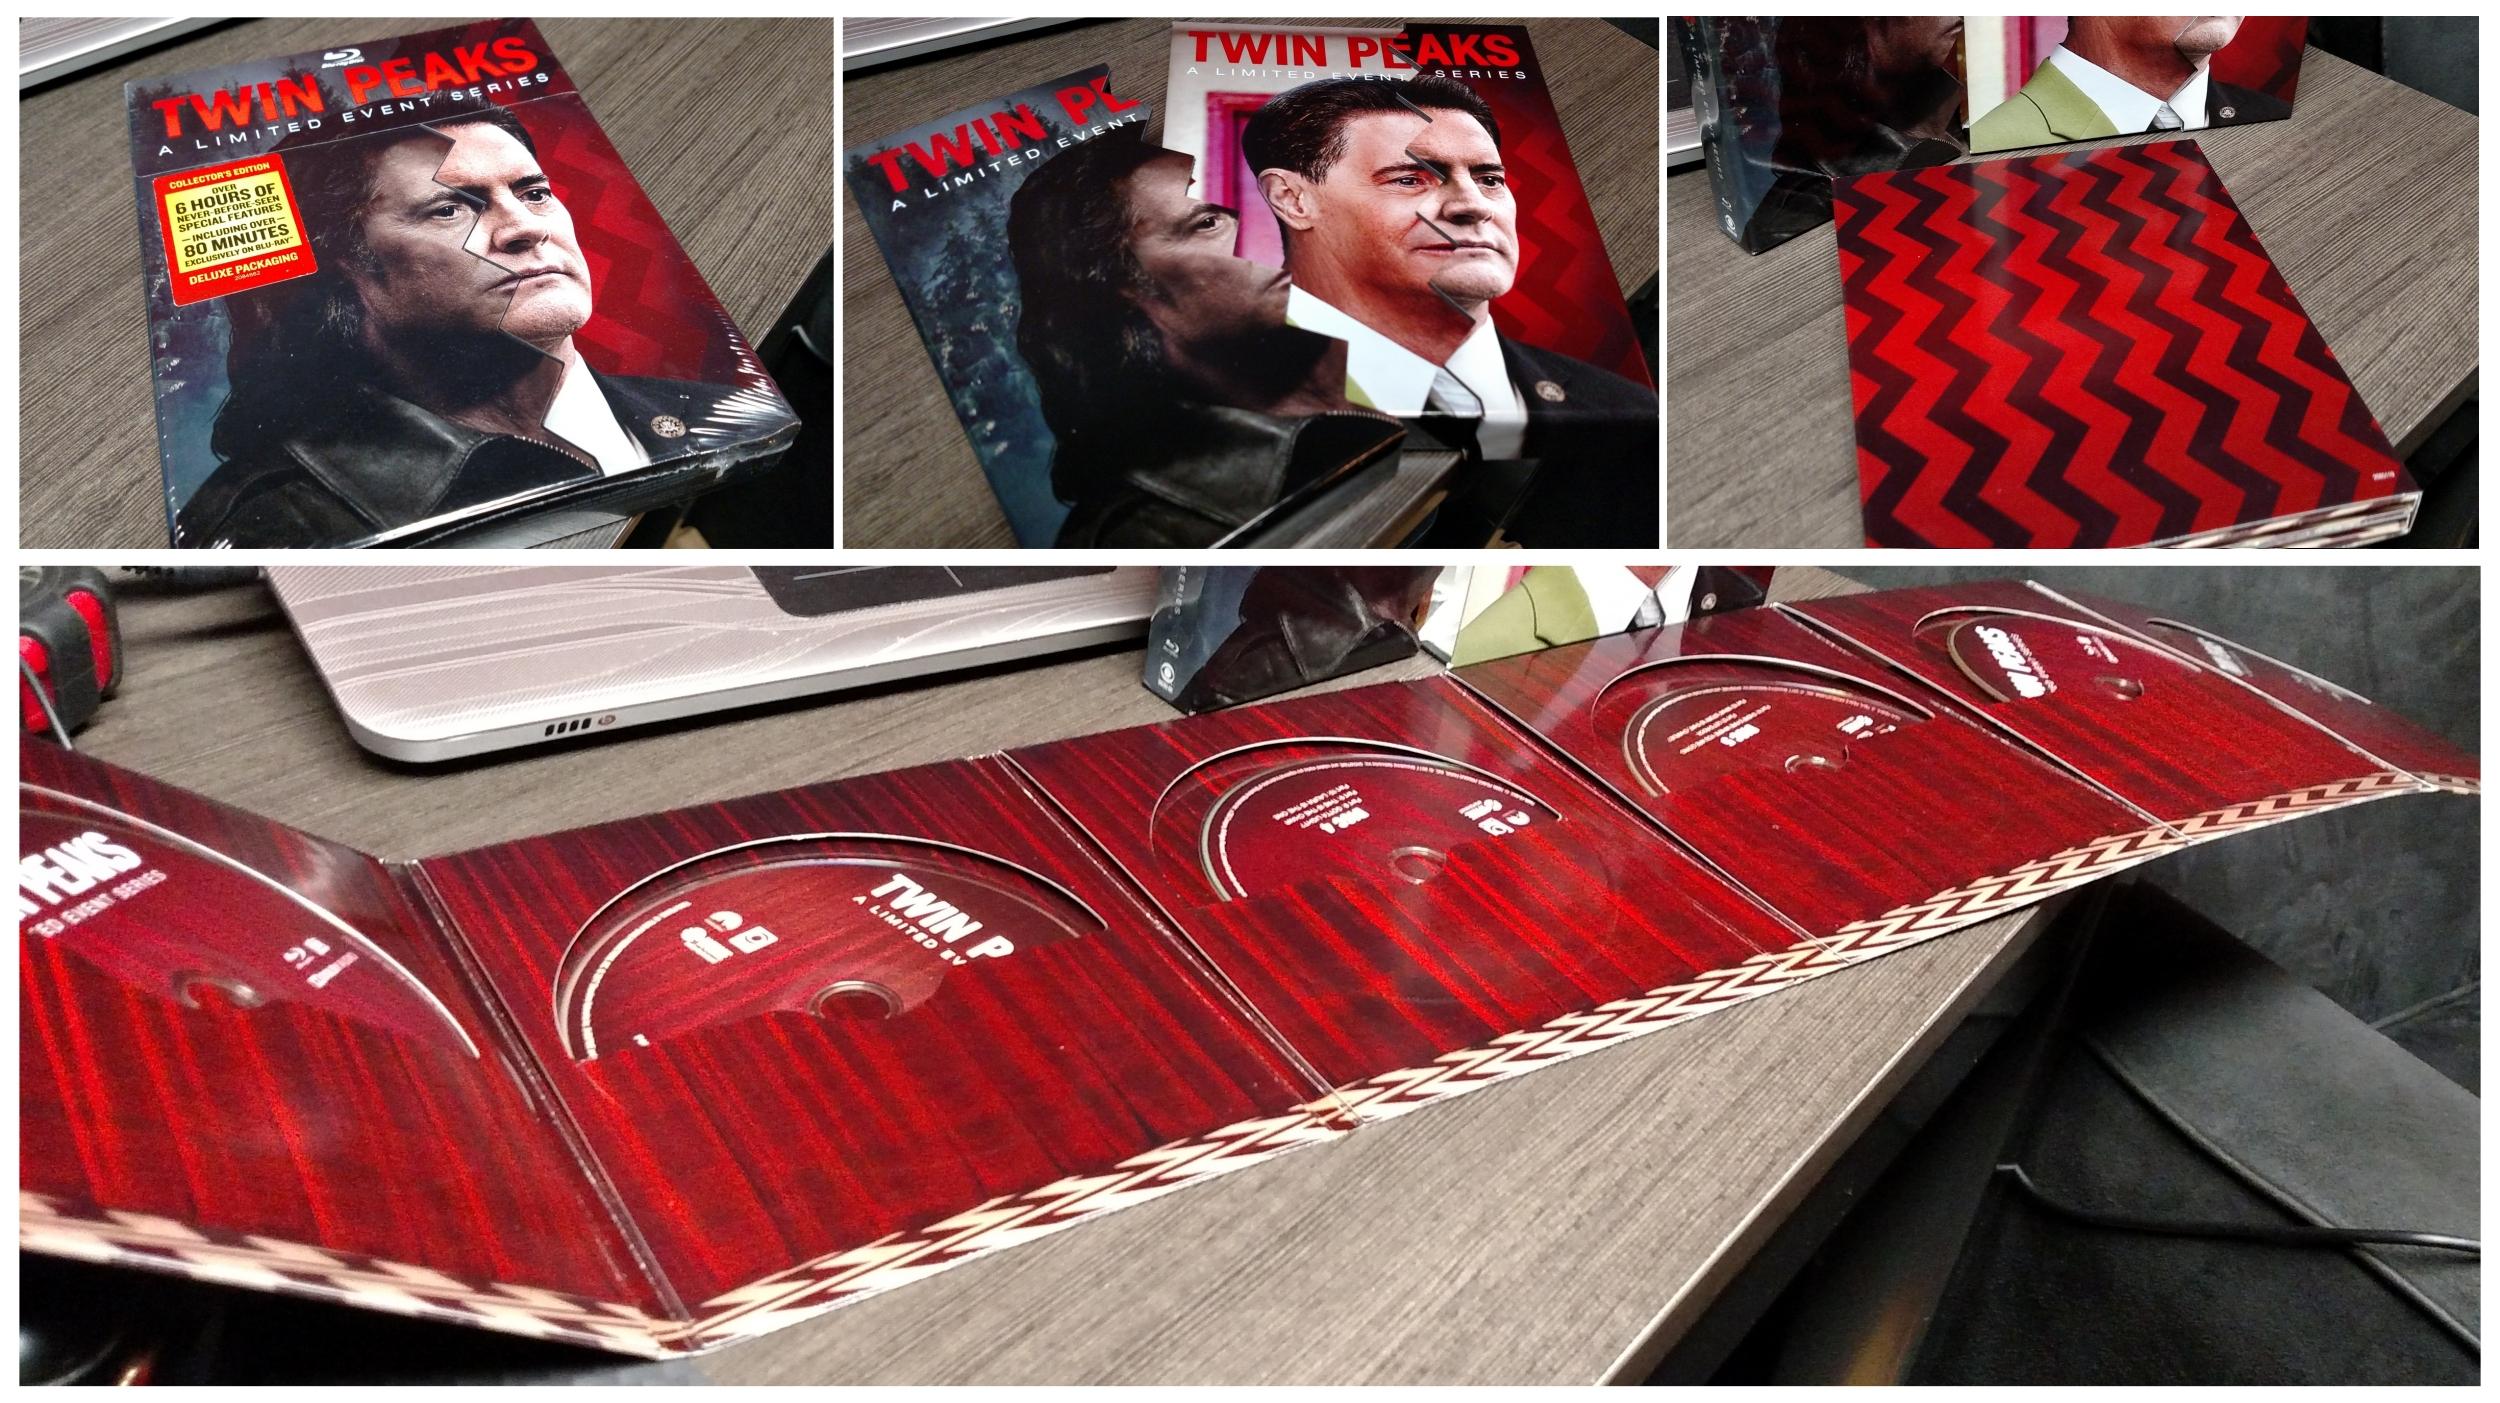 Twin Peaks S3 Blu-ray Packaging